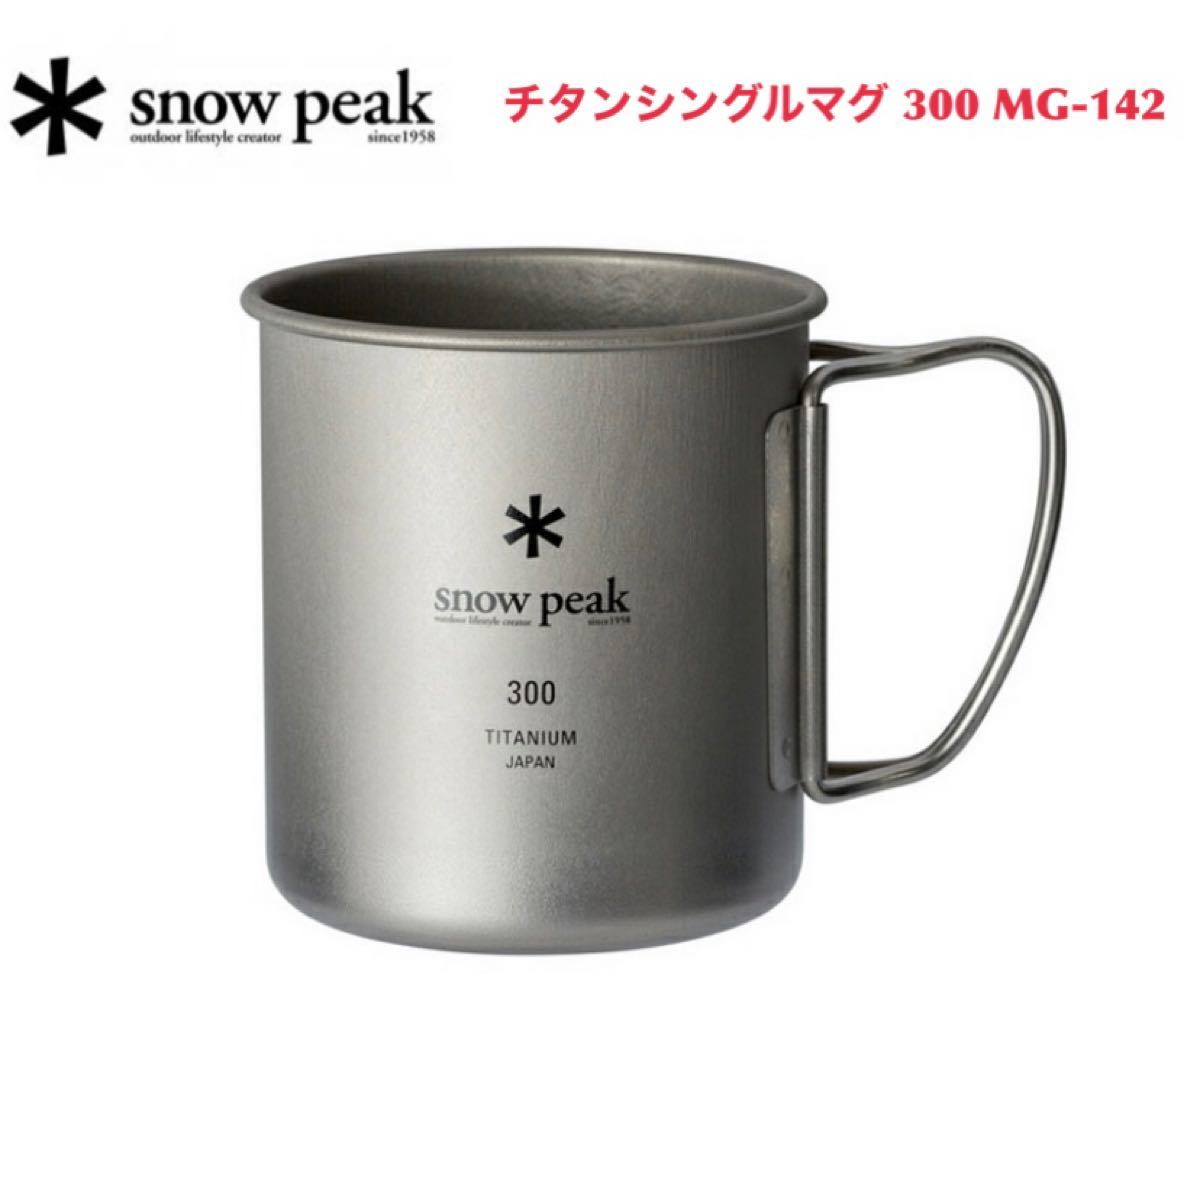 スノーピーク snow peak チタンシングルマグ 300 MG-142